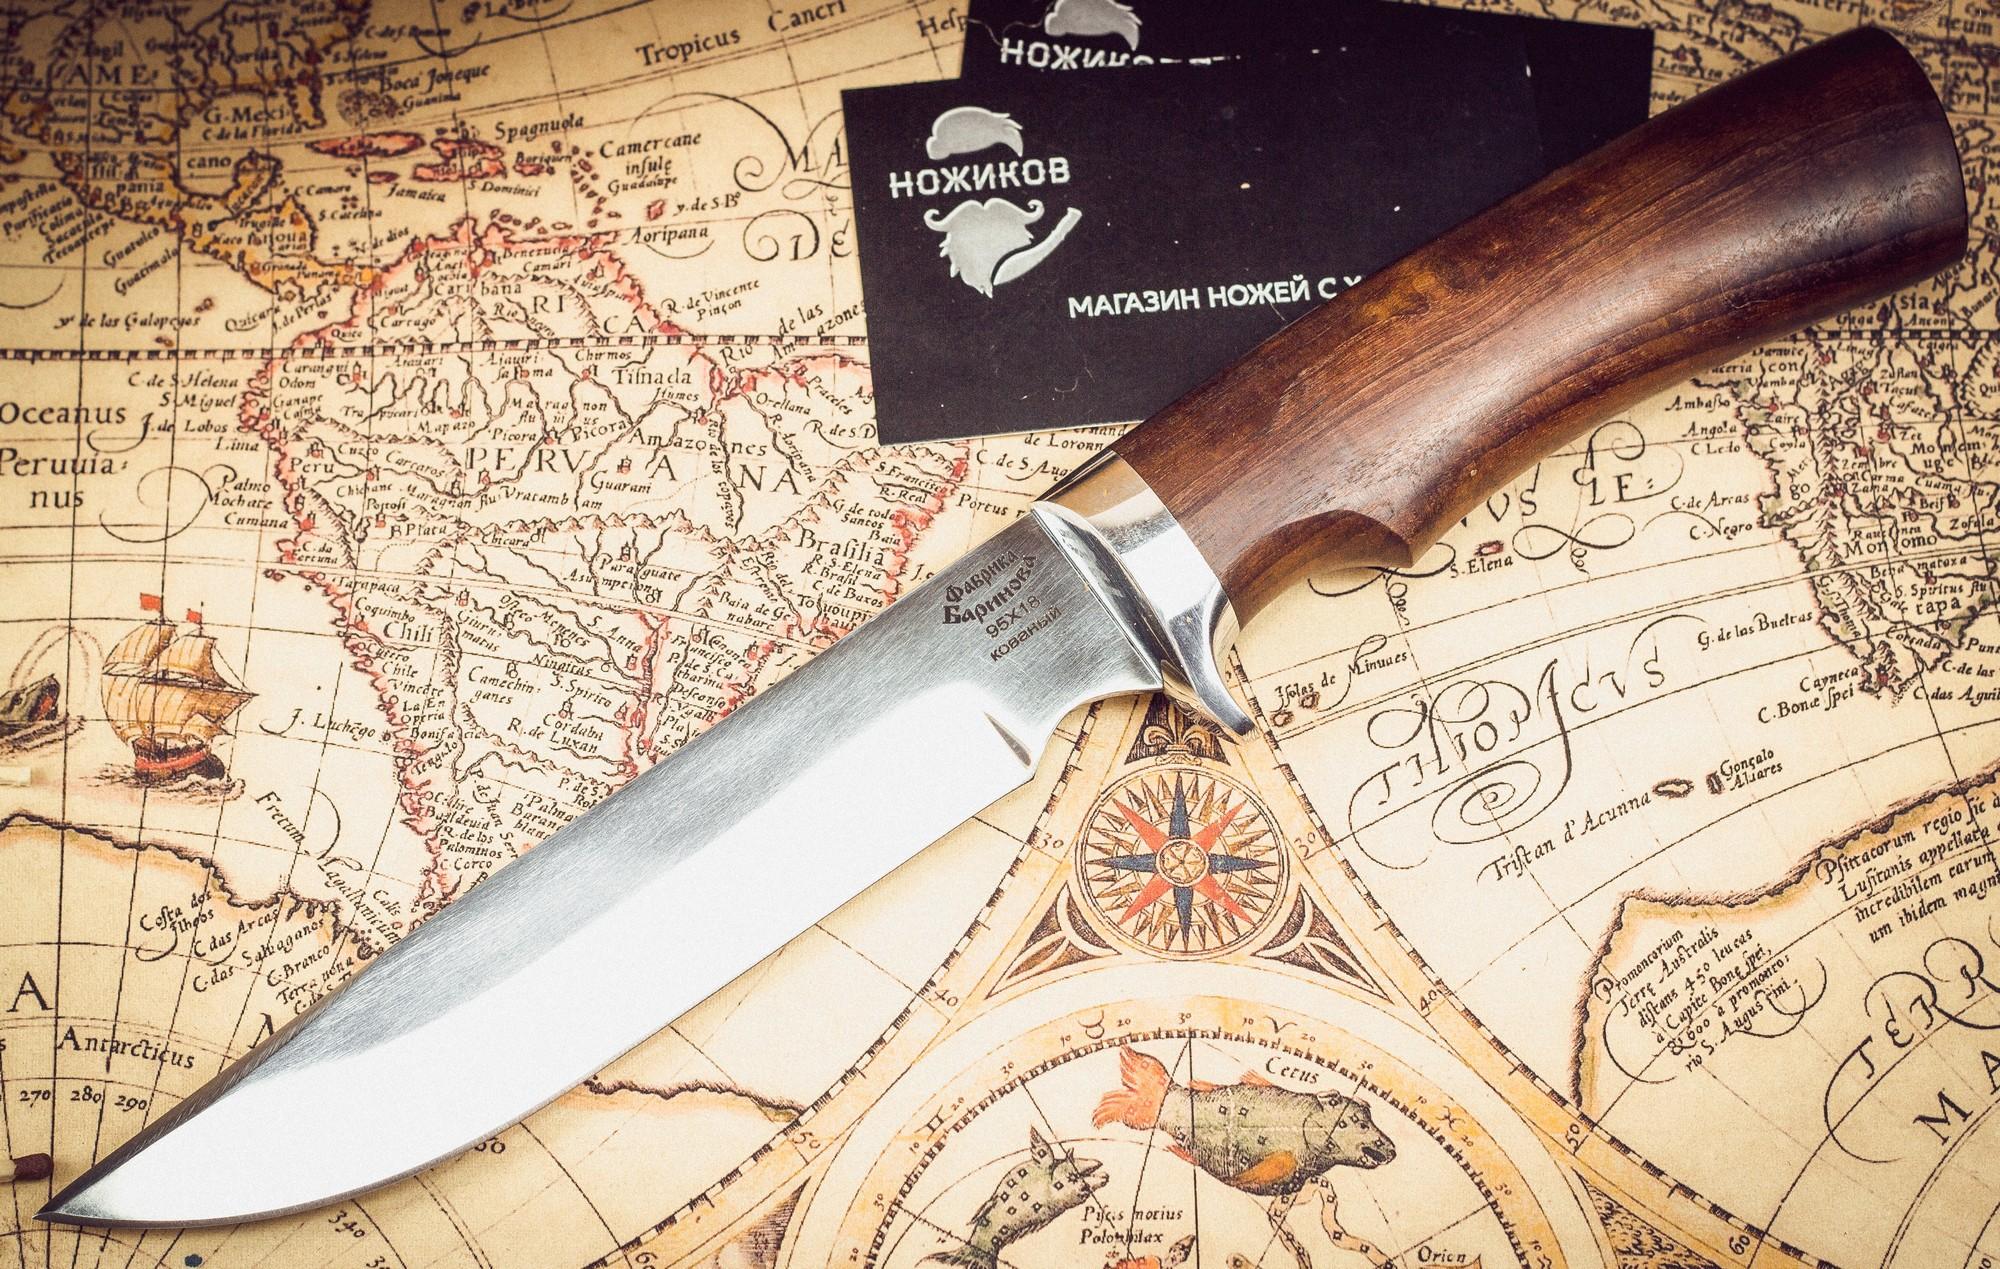 Нож Осетр 65Х13, орех и литье латунь65х13<br>В комплект входят:<br>1.Информационный лист (паспорт ножа)<br>2.Чехол из натуральной кожи.<br><br>Технические характеристики<br><br><br><br>Металл<br>сталь 65Х13<br><br><br>Полная длина<br>255 — 280 мм<br><br><br>Длина клинка<br>140 — 150 мм<br><br><br>Длина рукояти<br>115 — 130 мм<br><br><br>Ширина клинка<br>28 — 32 м<br><br><br>Толщина рукояти<br>19 — 24 м<br><br><br>Толщина обуха<br>2.2 — 2.4 м<br><br><br>Твердость стали, ед. HRC<br>56 — 58<br>